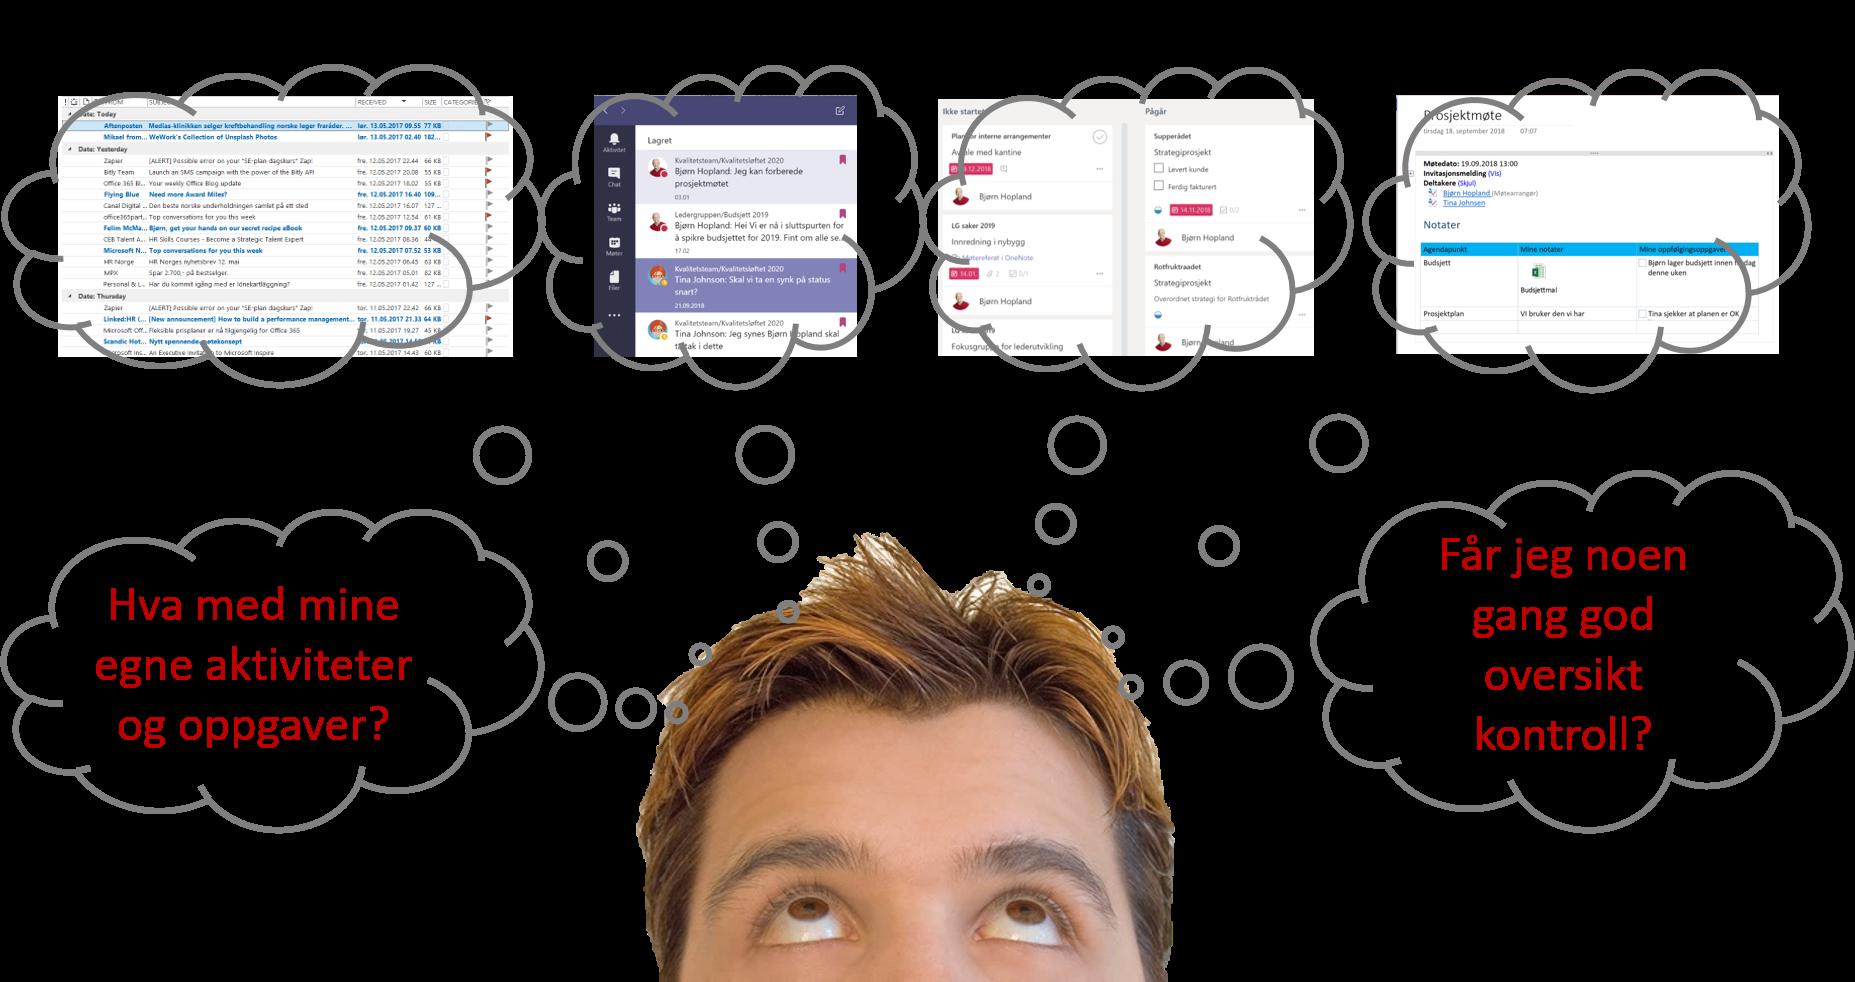 Illustrasjon viser en mann som tenker på oppgavene som kommer inn fra mange kanter